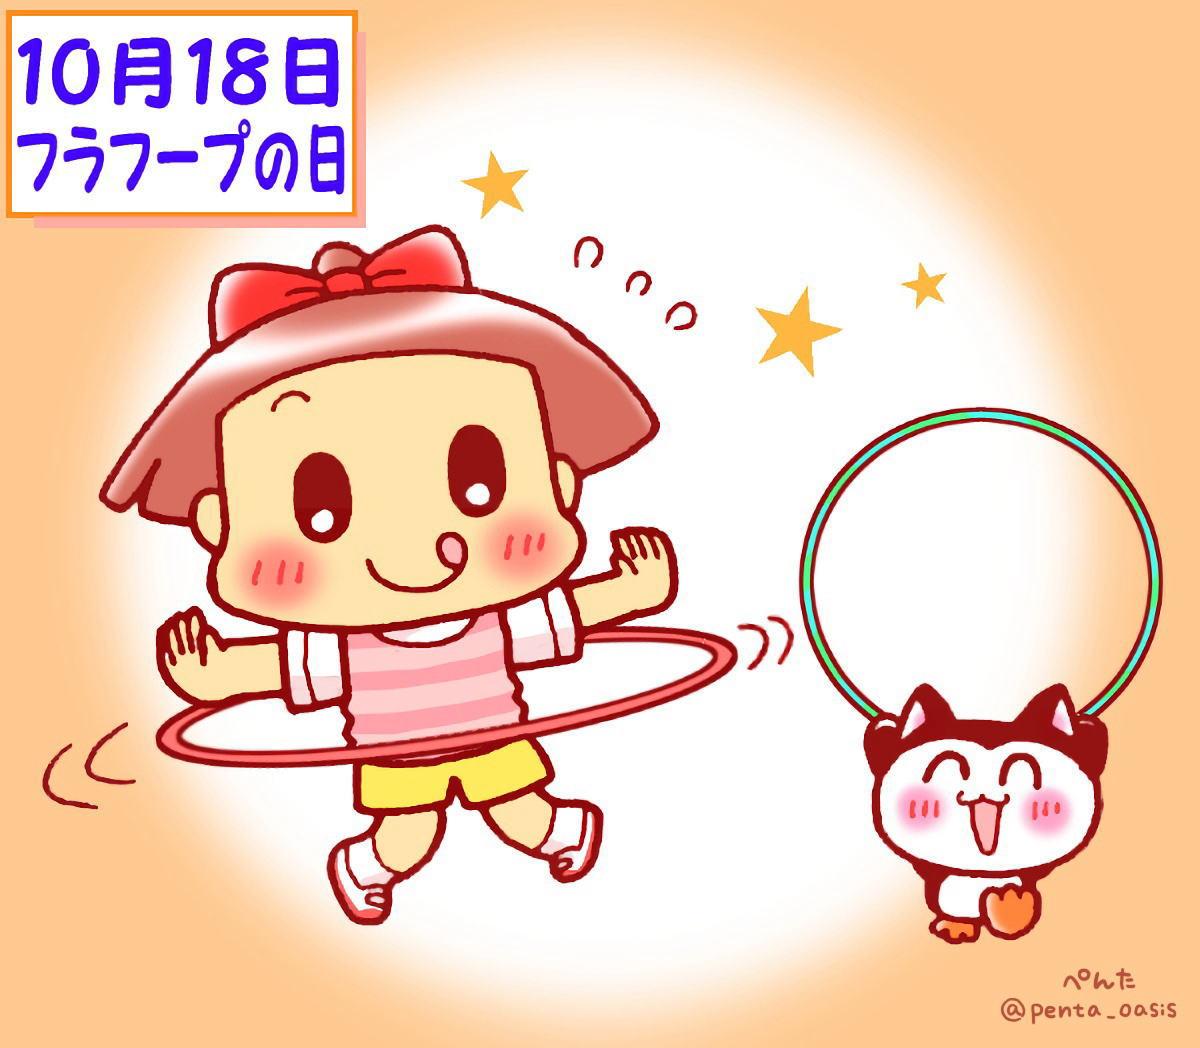 10月18日 フラフープの日 イラスト 福ちゃん